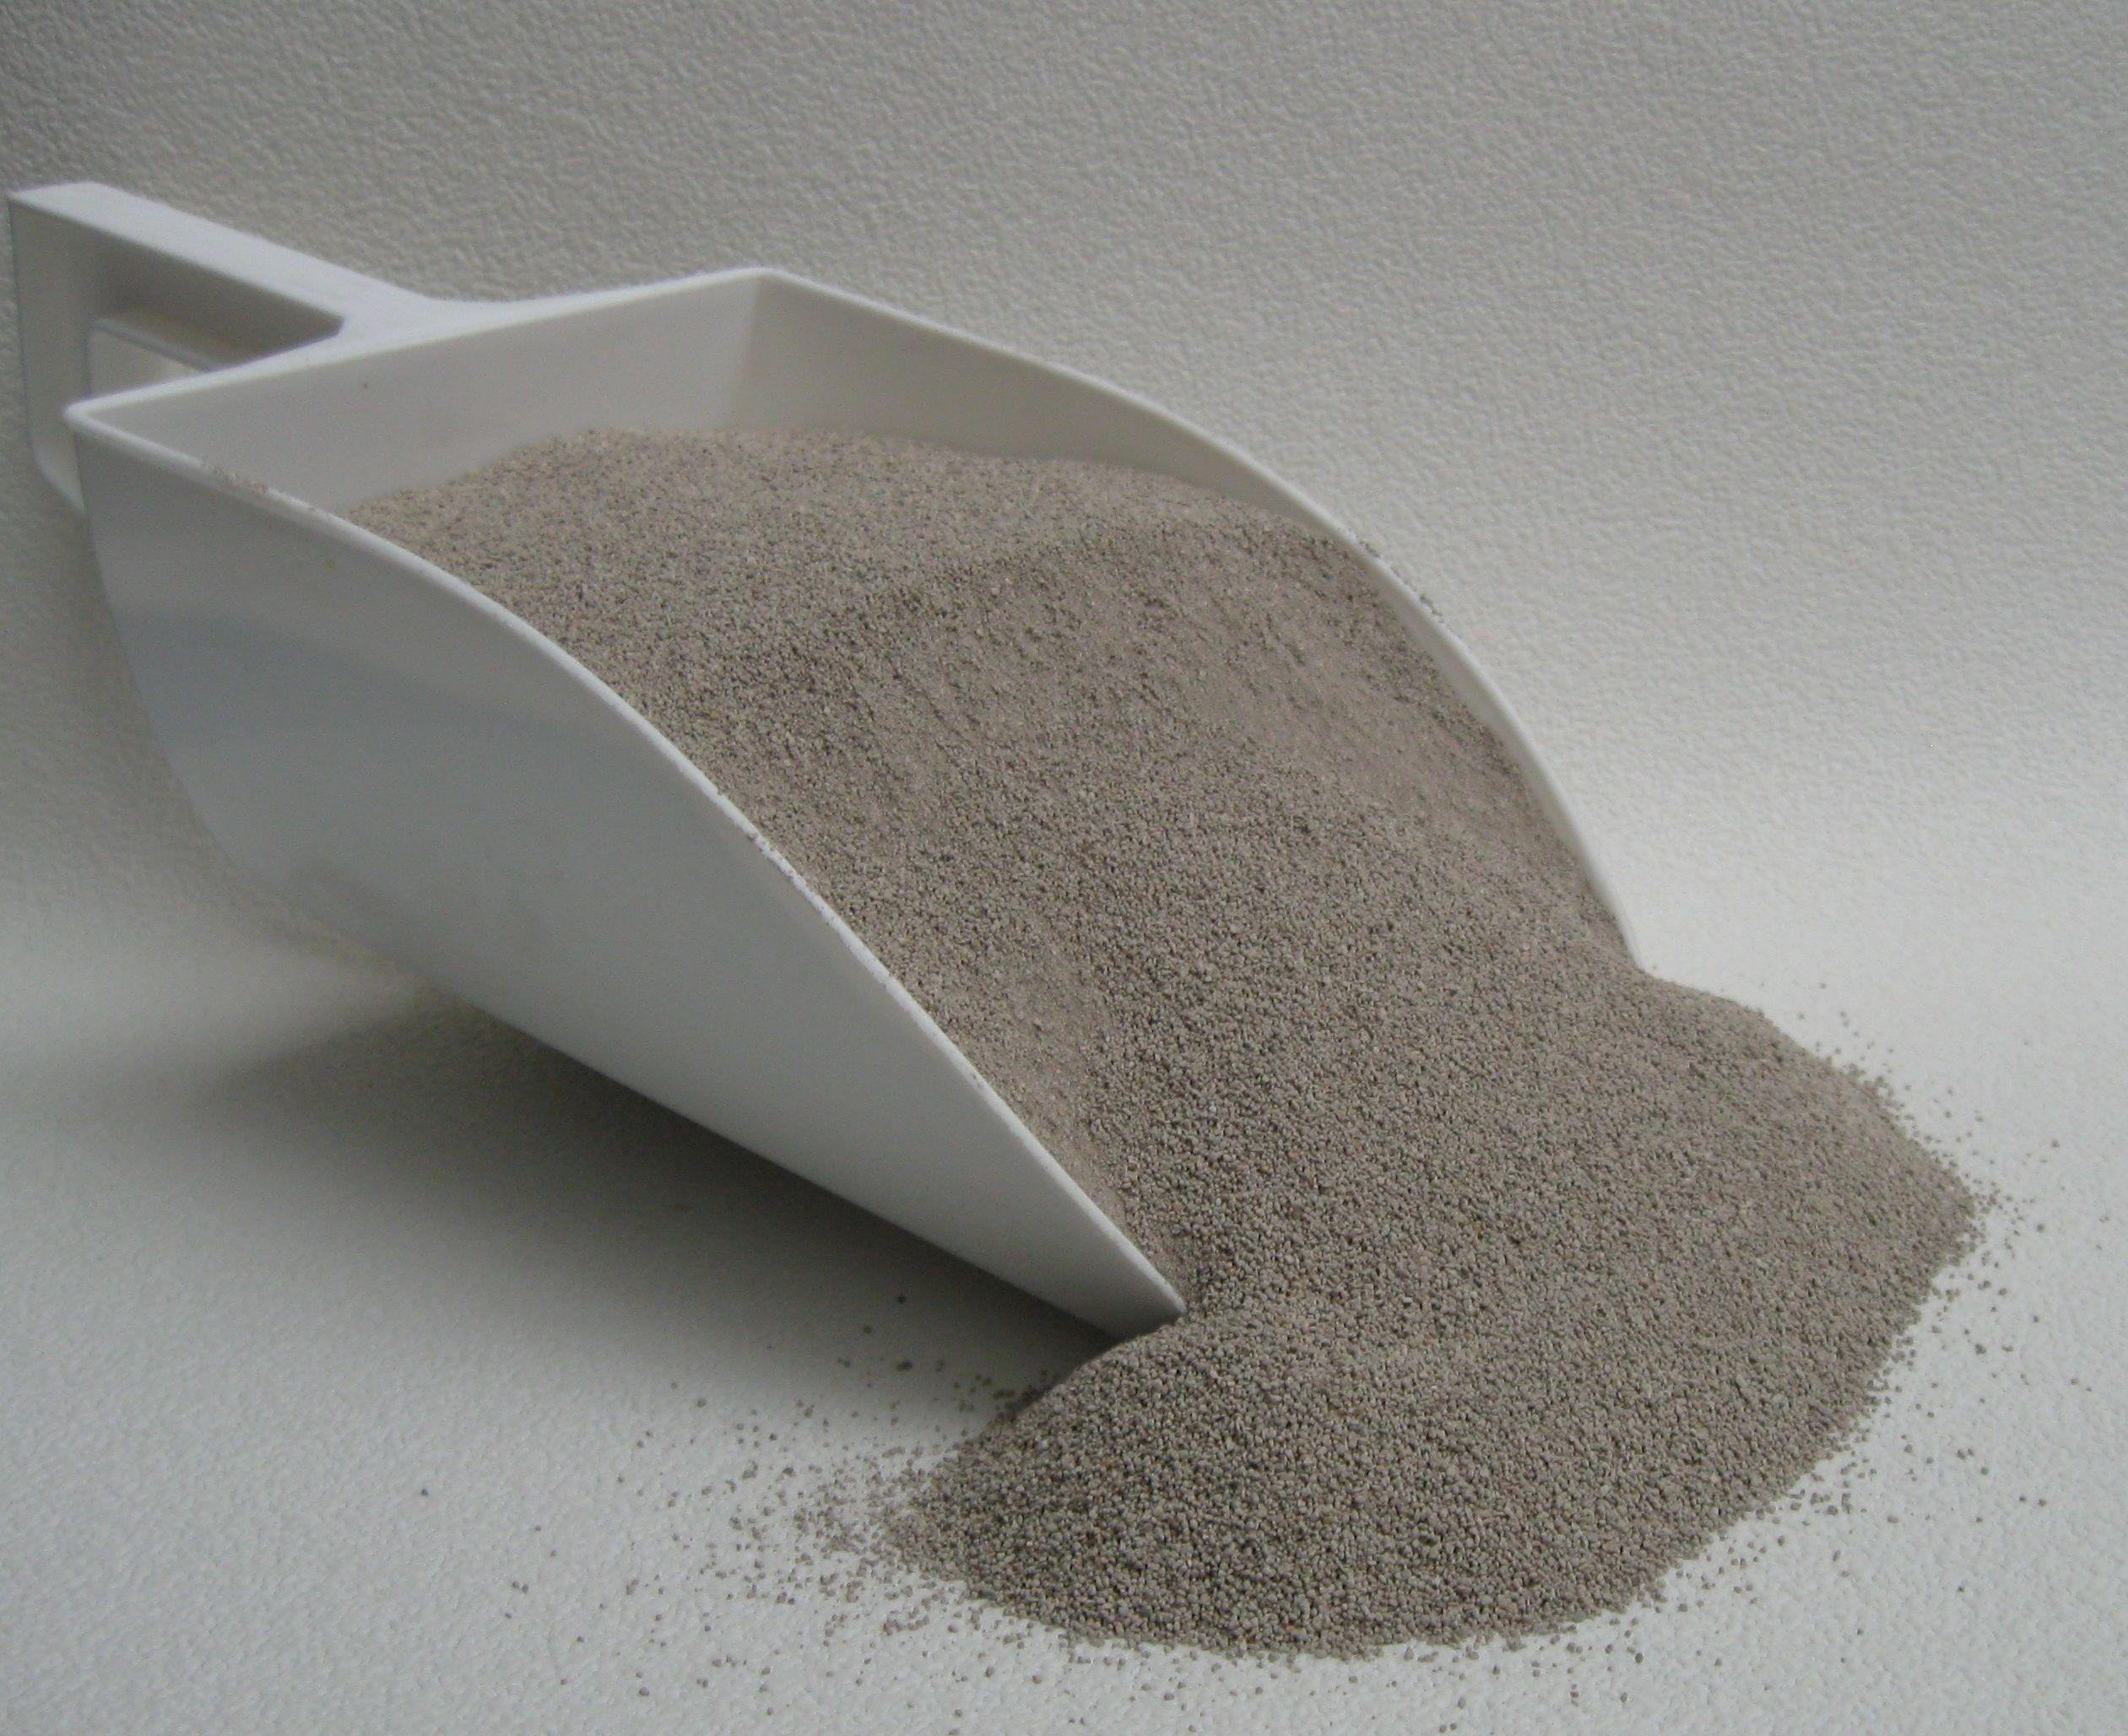 granulad schaufel